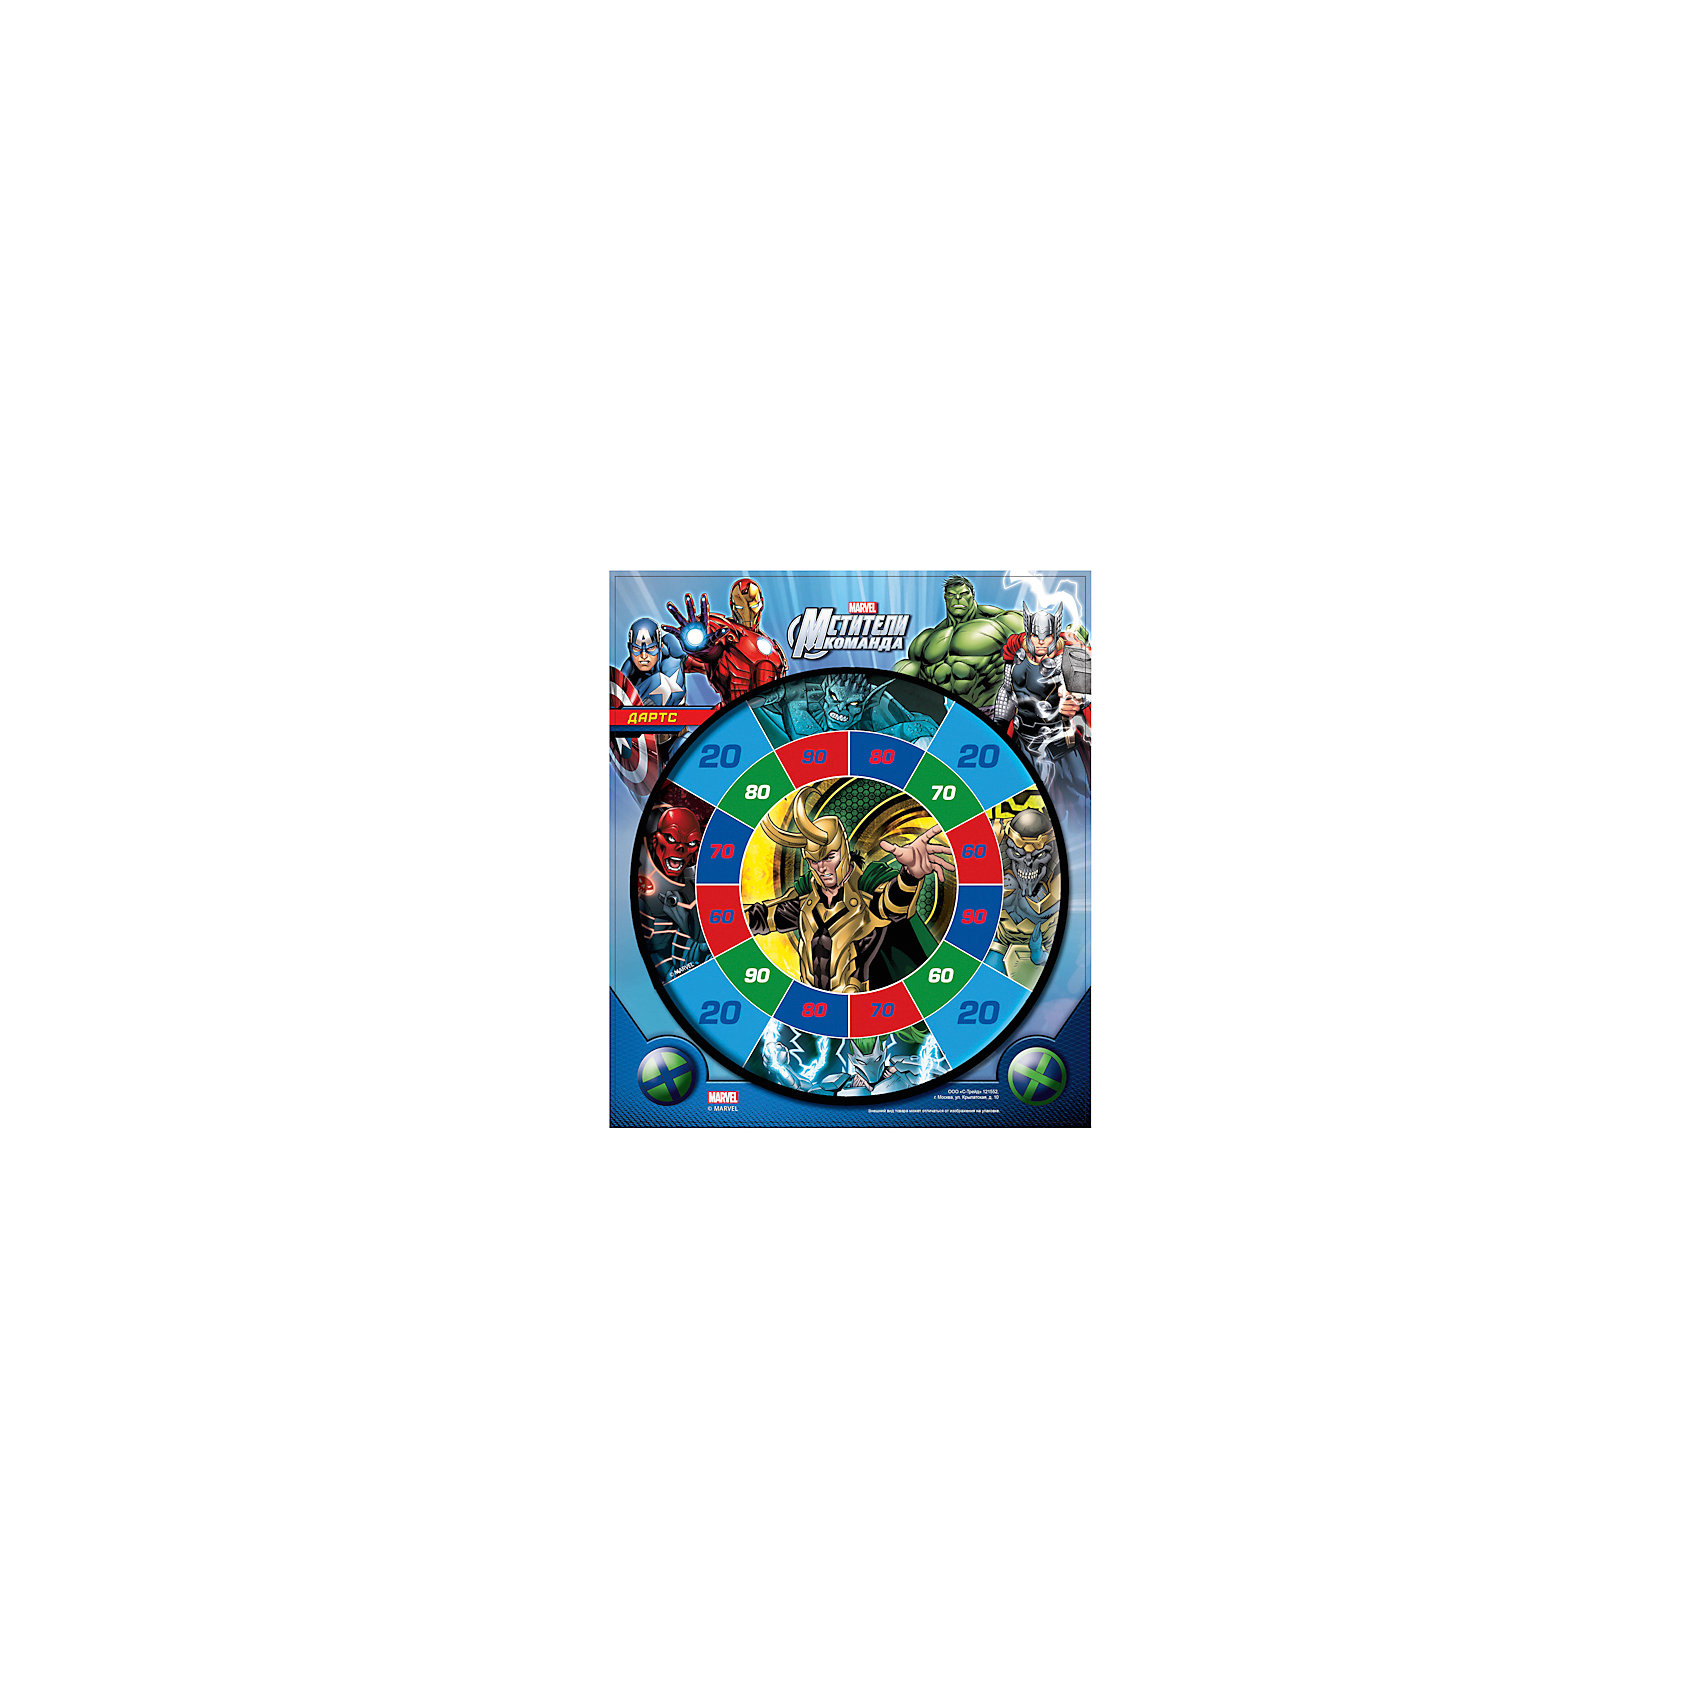 Набор для игры в Дартс Мстители (панель +2 мяча на липучке), Marvel HeroesИгровые наборы<br>Набор для игры в Дартс Мстители (панель +2 мяча на липучке), Marvel Heroes (Герои Марвел)  состоит из круглой мишени и 2 мячей на липучках, бросая которые, необходимо попасть на поверхность мишени и набрать максимальное количество очков. Мишень украшена изображениями персонажей суперкоманды «Мстители» (Avengers) (Железный человек, Тор, Халк, Хэнк Пим, Оаса, Капитан Америка и др.) из популярных комиксов компании Марвел. Игра в дартс способствует развитию ловкости, координации движений и меткости у детей.<br><br>Комплектация: мишень, 2 пластиковых мячика на липучках<br><br>Дополнительная информация:<br>-Серия: Мстители, Герои Марвел<br>-Диаметр мишени: 29,5 см <br>-Материалы: пластик<br>-Диаметр мячика: 3,5 см <br>-Упаковка: блистер<br><br>Набор для игры в Дартс «Мстители» – отличный подарок ребенку и отличный способ весело провести время в семейном кругу. <br><br>Набор для игры в Дартс Мстители (панель +2 мяча на липучке), Marvel Heroes (Герои Марвел) можно купить в нашем магазине.<br><br>Ширина мм: 40<br>Глубина мм: 380<br>Высота мм: 330<br>Вес г: 210<br>Возраст от месяцев: 36<br>Возраст до месяцев: 144<br>Пол: Мужской<br>Возраст: Детский<br>SKU: 4022446